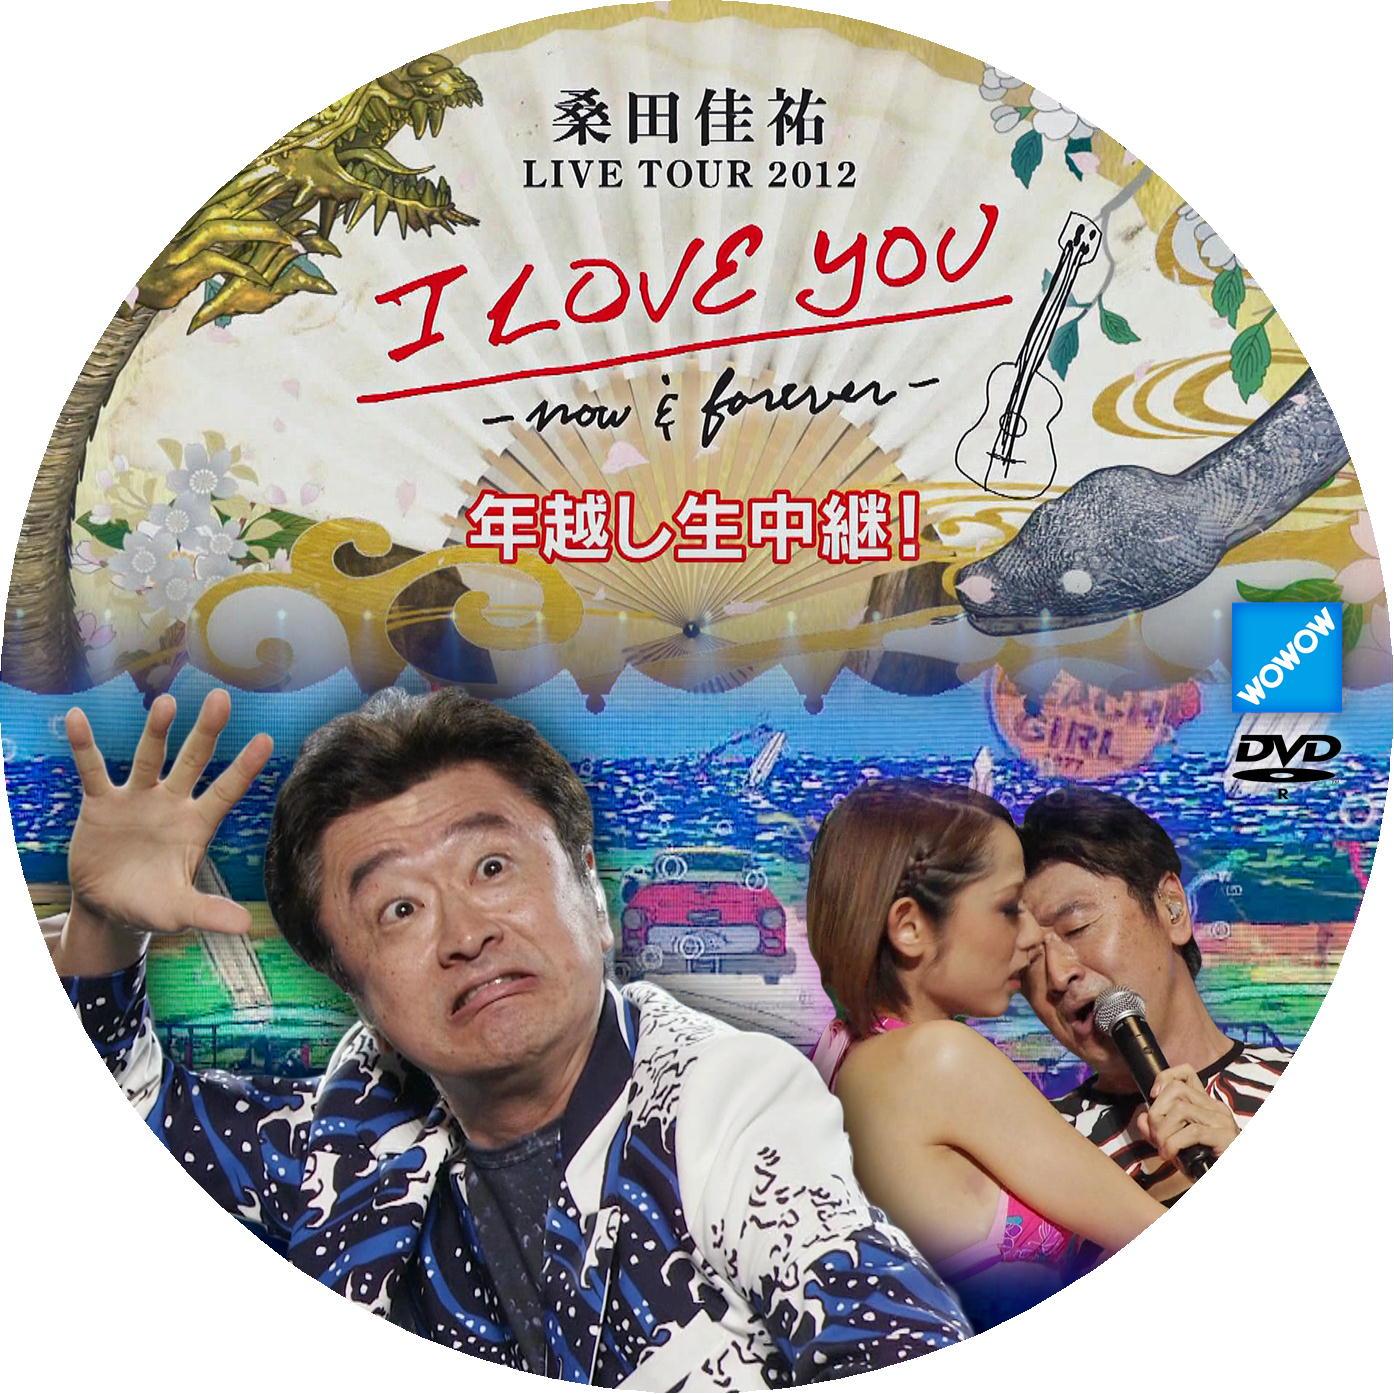 桑田佳祐 LIVE TOUR 2012 DVDラベル